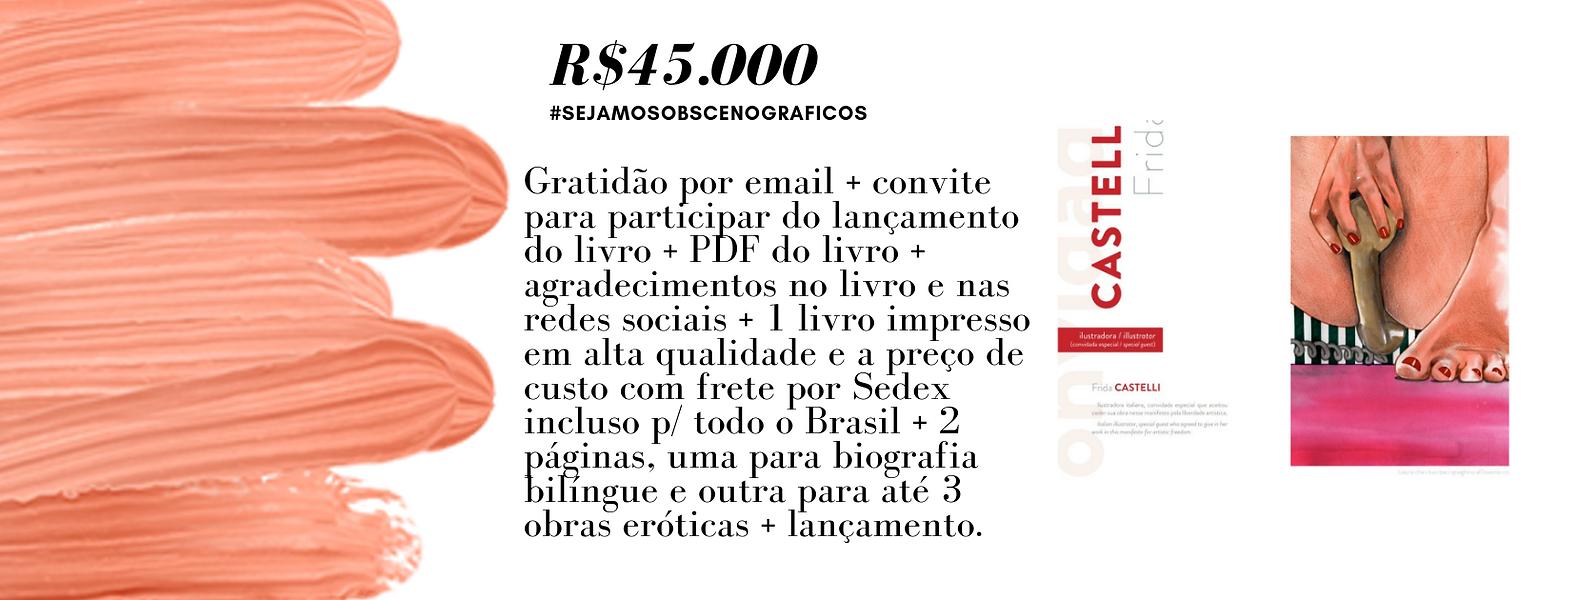 RECOMPENSA R$45.000